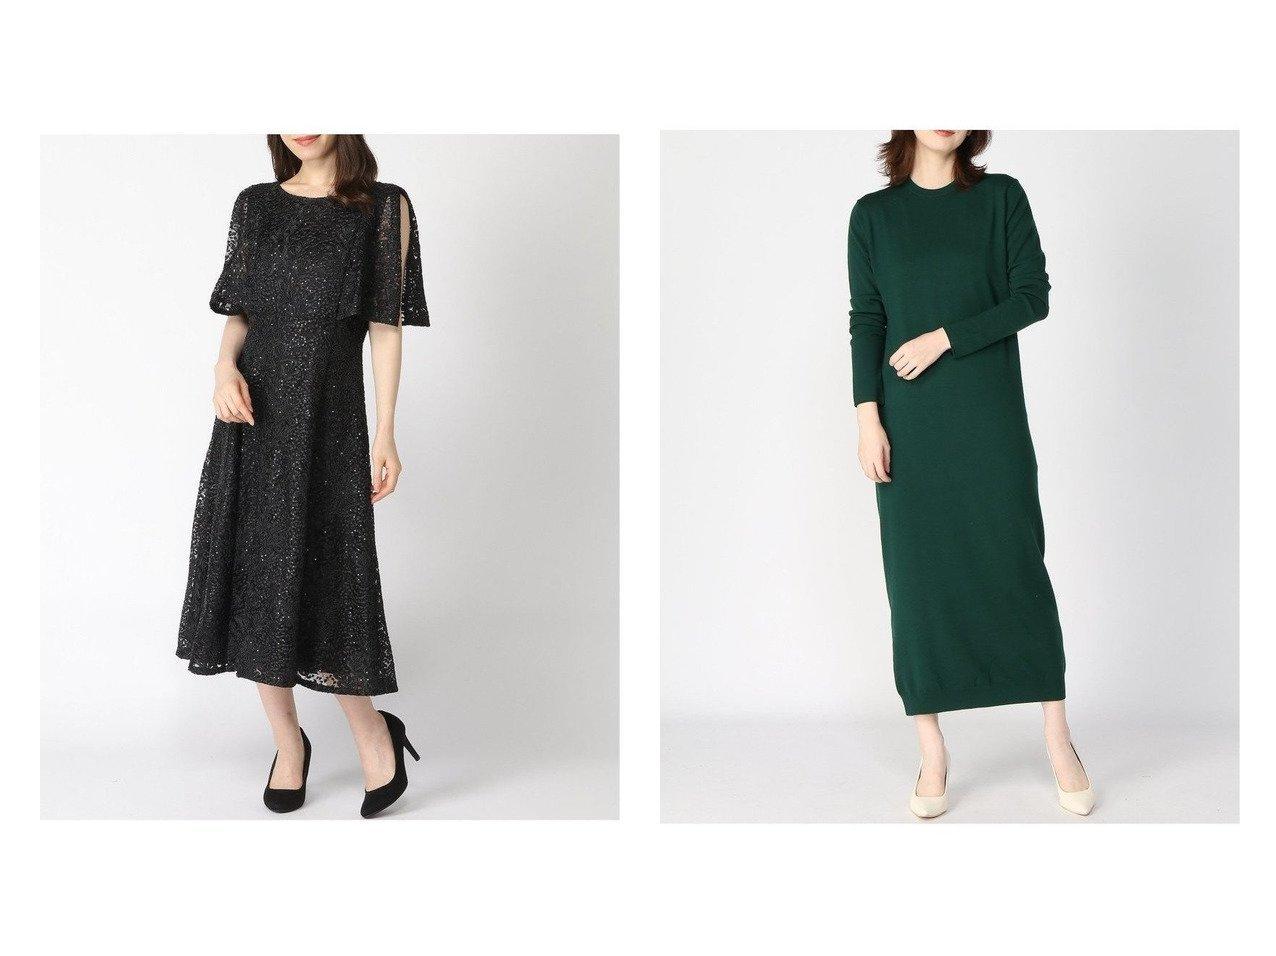 【edit.for LuLu/エディット フォー ルル】のスリム ニットワンピース&【CELFORD/セルフォード】のスパンコール刺繍ドレス ワンピース・ドレスのおすすめ!人気、トレンド・レディースファッションの通販  おすすめで人気の流行・トレンド、ファッションの通販商品 メンズファッション・キッズファッション・インテリア・家具・レディースファッション・服の通販 founy(ファニー) https://founy.com/ ファッション Fashion レディースファッション WOMEN ワンピース Dress ドレス Party Dresses ニットワンピース Knit Dresses スパンコール スリット スリーブ ドレス フレア レース 2020年 2020 2020-2021 秋冬 A/W AW Autumn/Winter / FW Fall-Winter 2020-2021 A/W 秋冬 AW Autumn/Winter / FW Fall-Winter スリム リラックス |ID:crp329100000010210